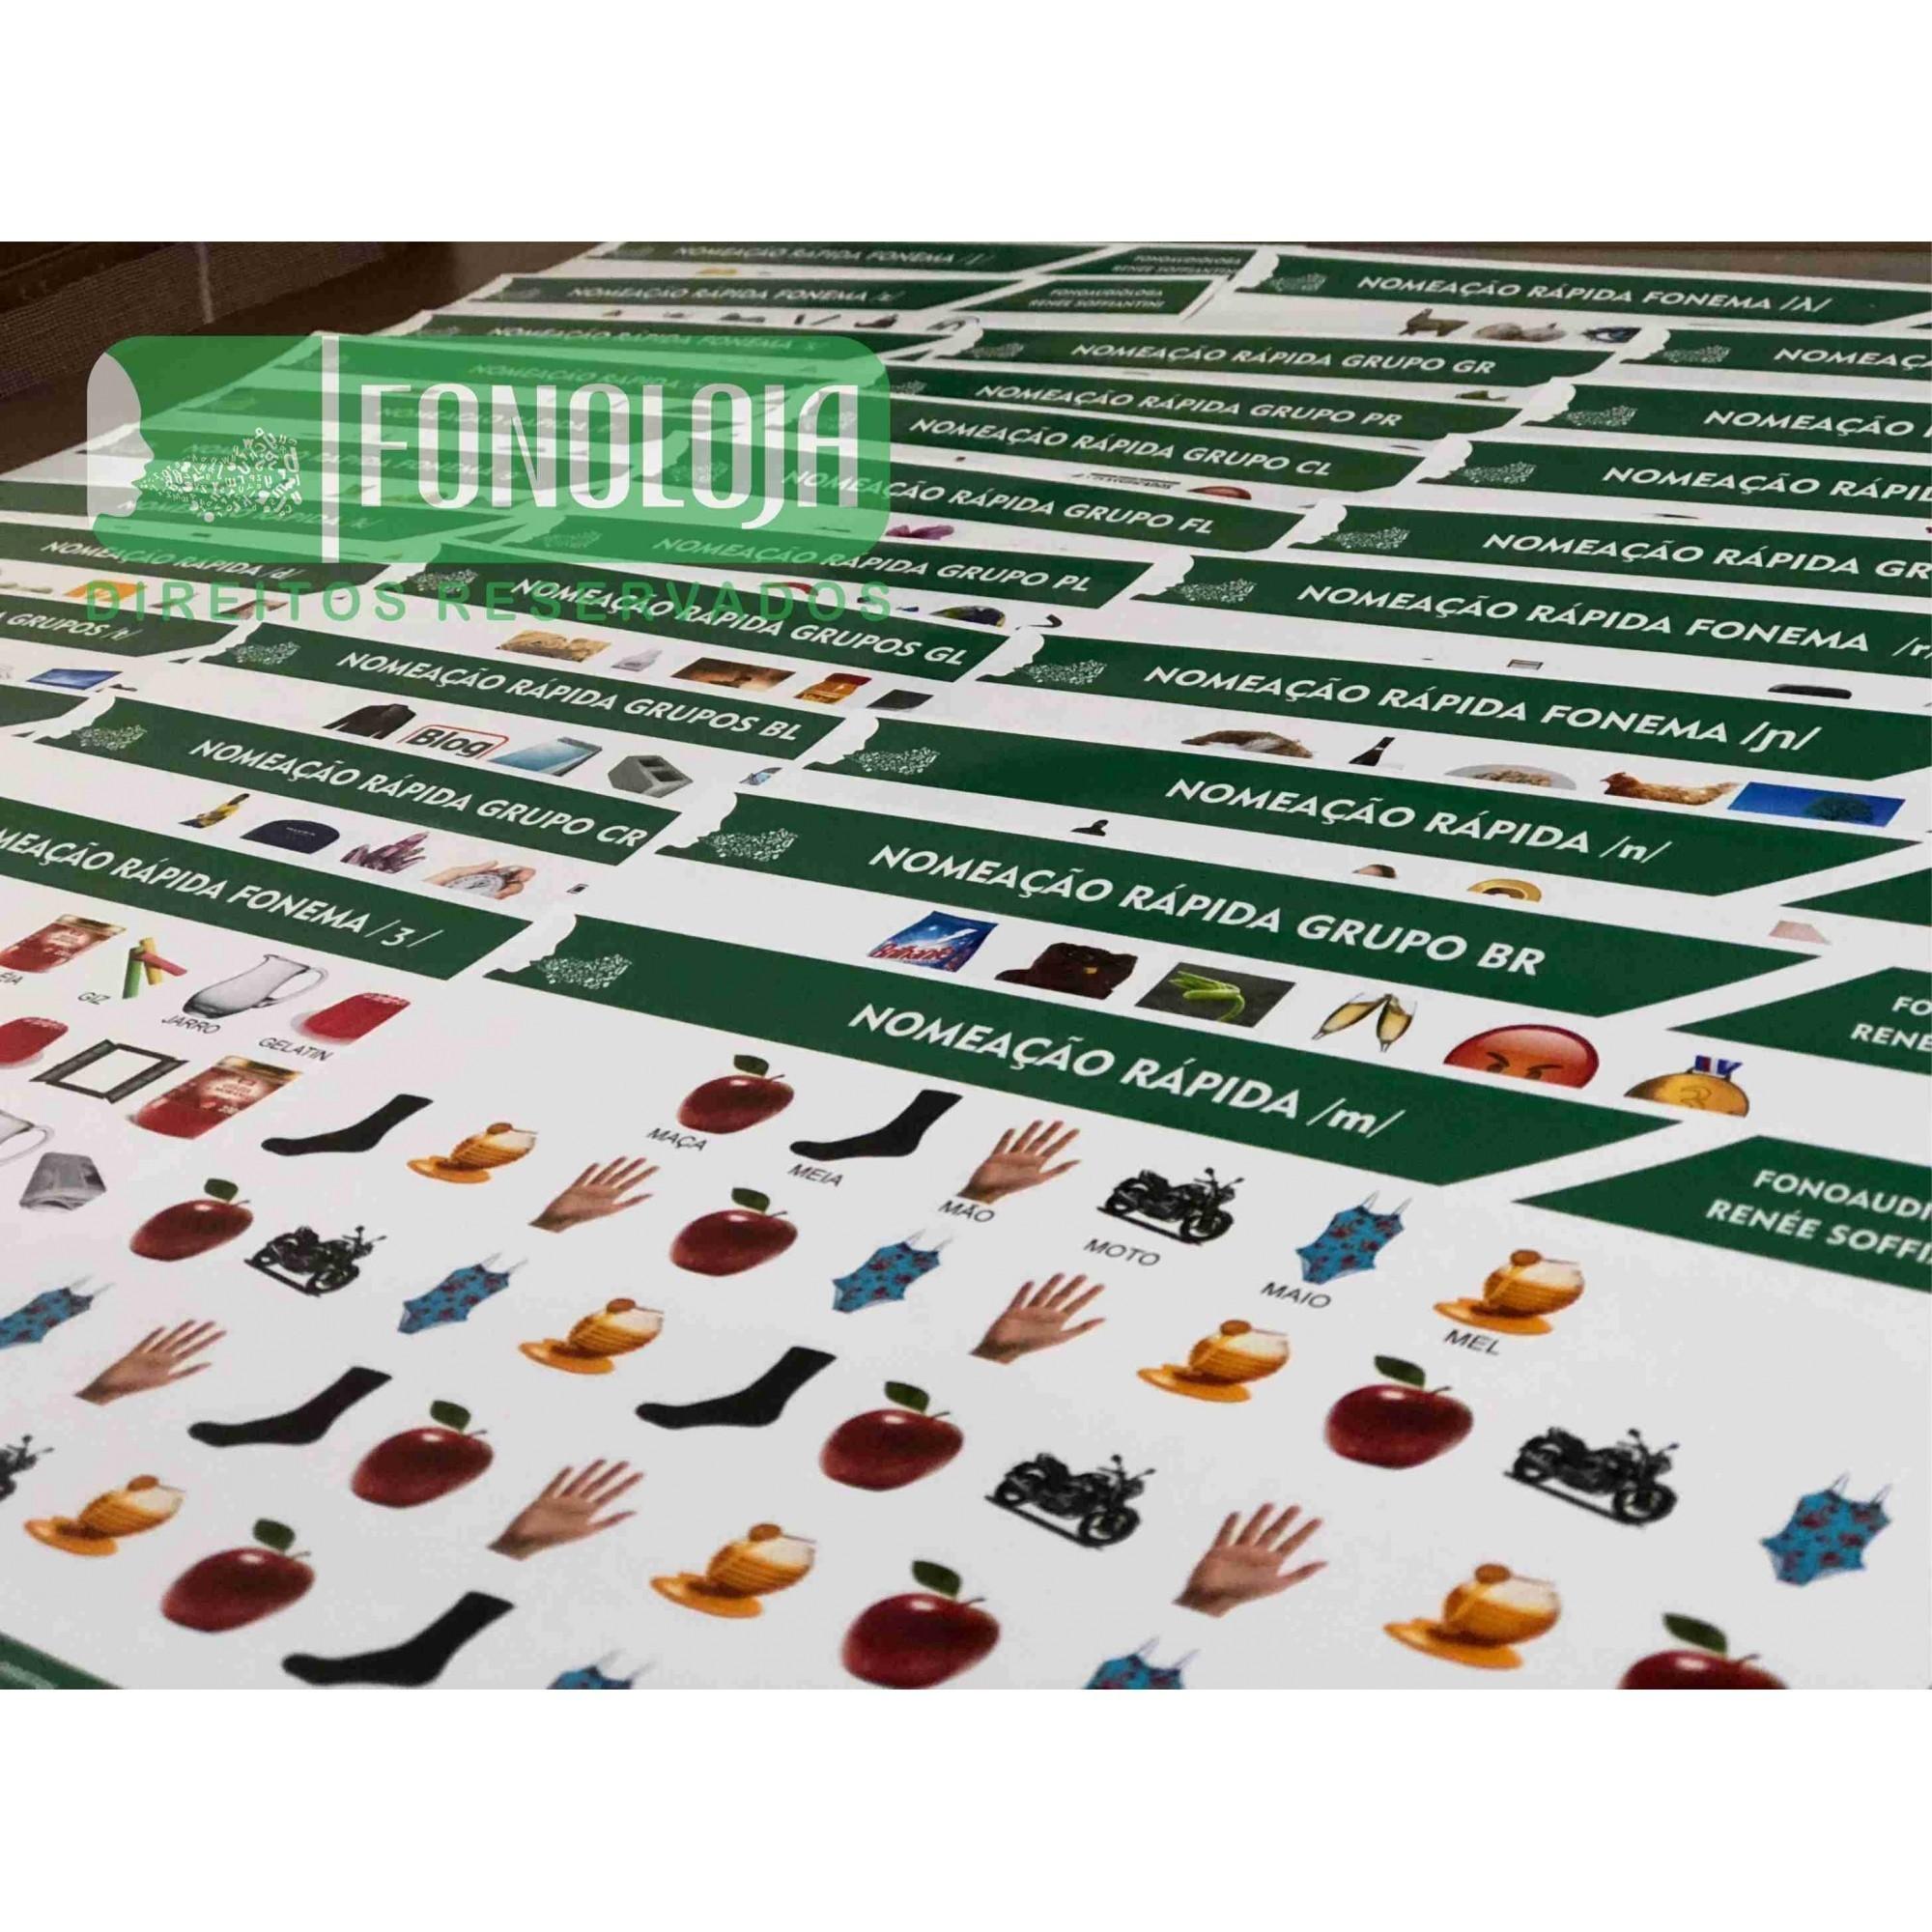 KIT 14 - 33 PRANCHAS NOMEAÇÃO RÁPIDA COMPLETA TODOS FONEMAS, ARQUIFONEMAS E GRUPOS - FORMATO DIGITAL